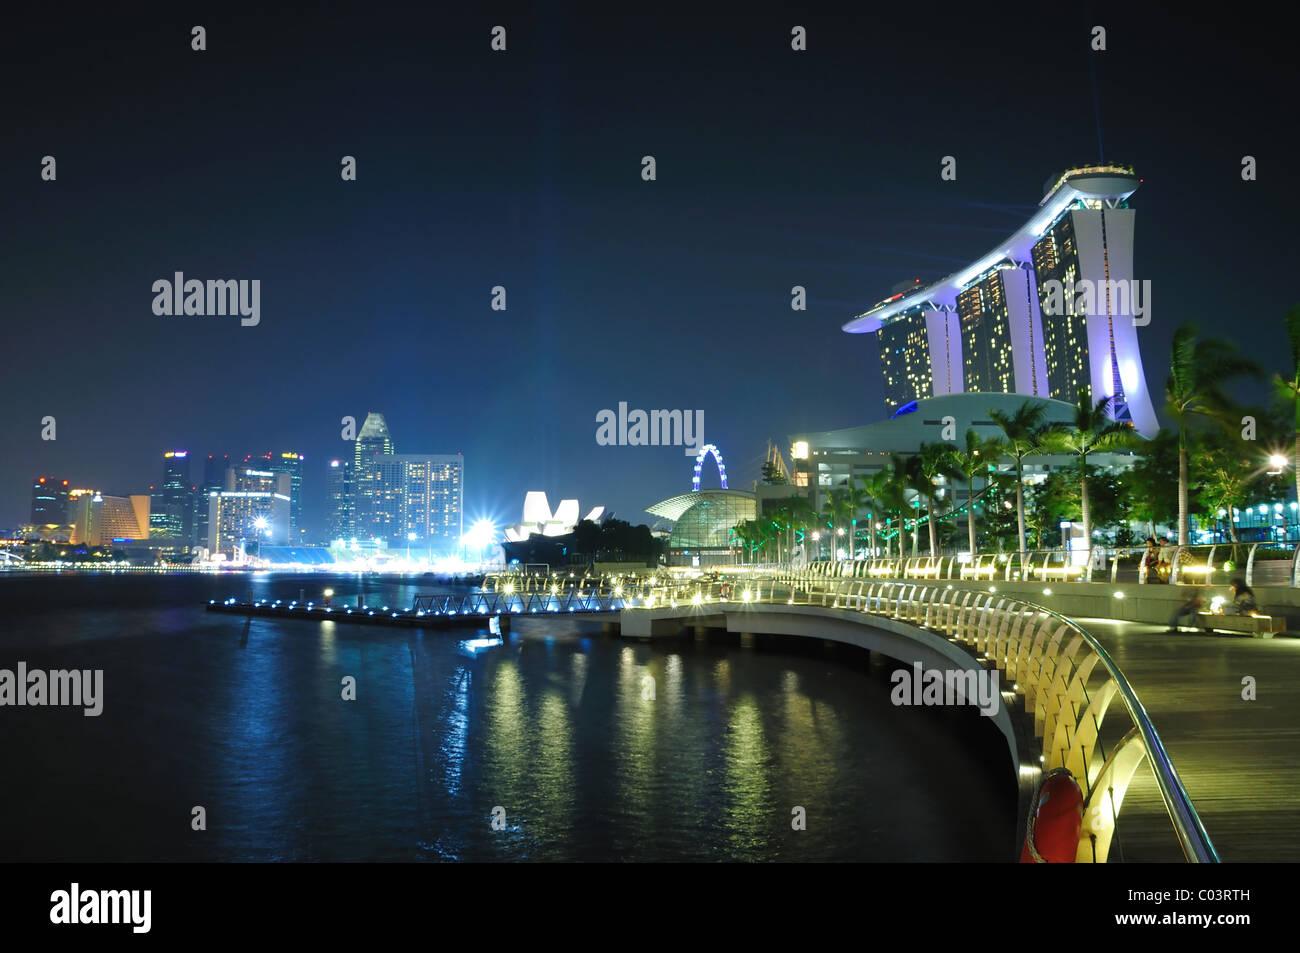 Il Marina Bay Sands Hotel e Resort Integerated come visto dalla baia di Marina promontorio. Immagini Stock